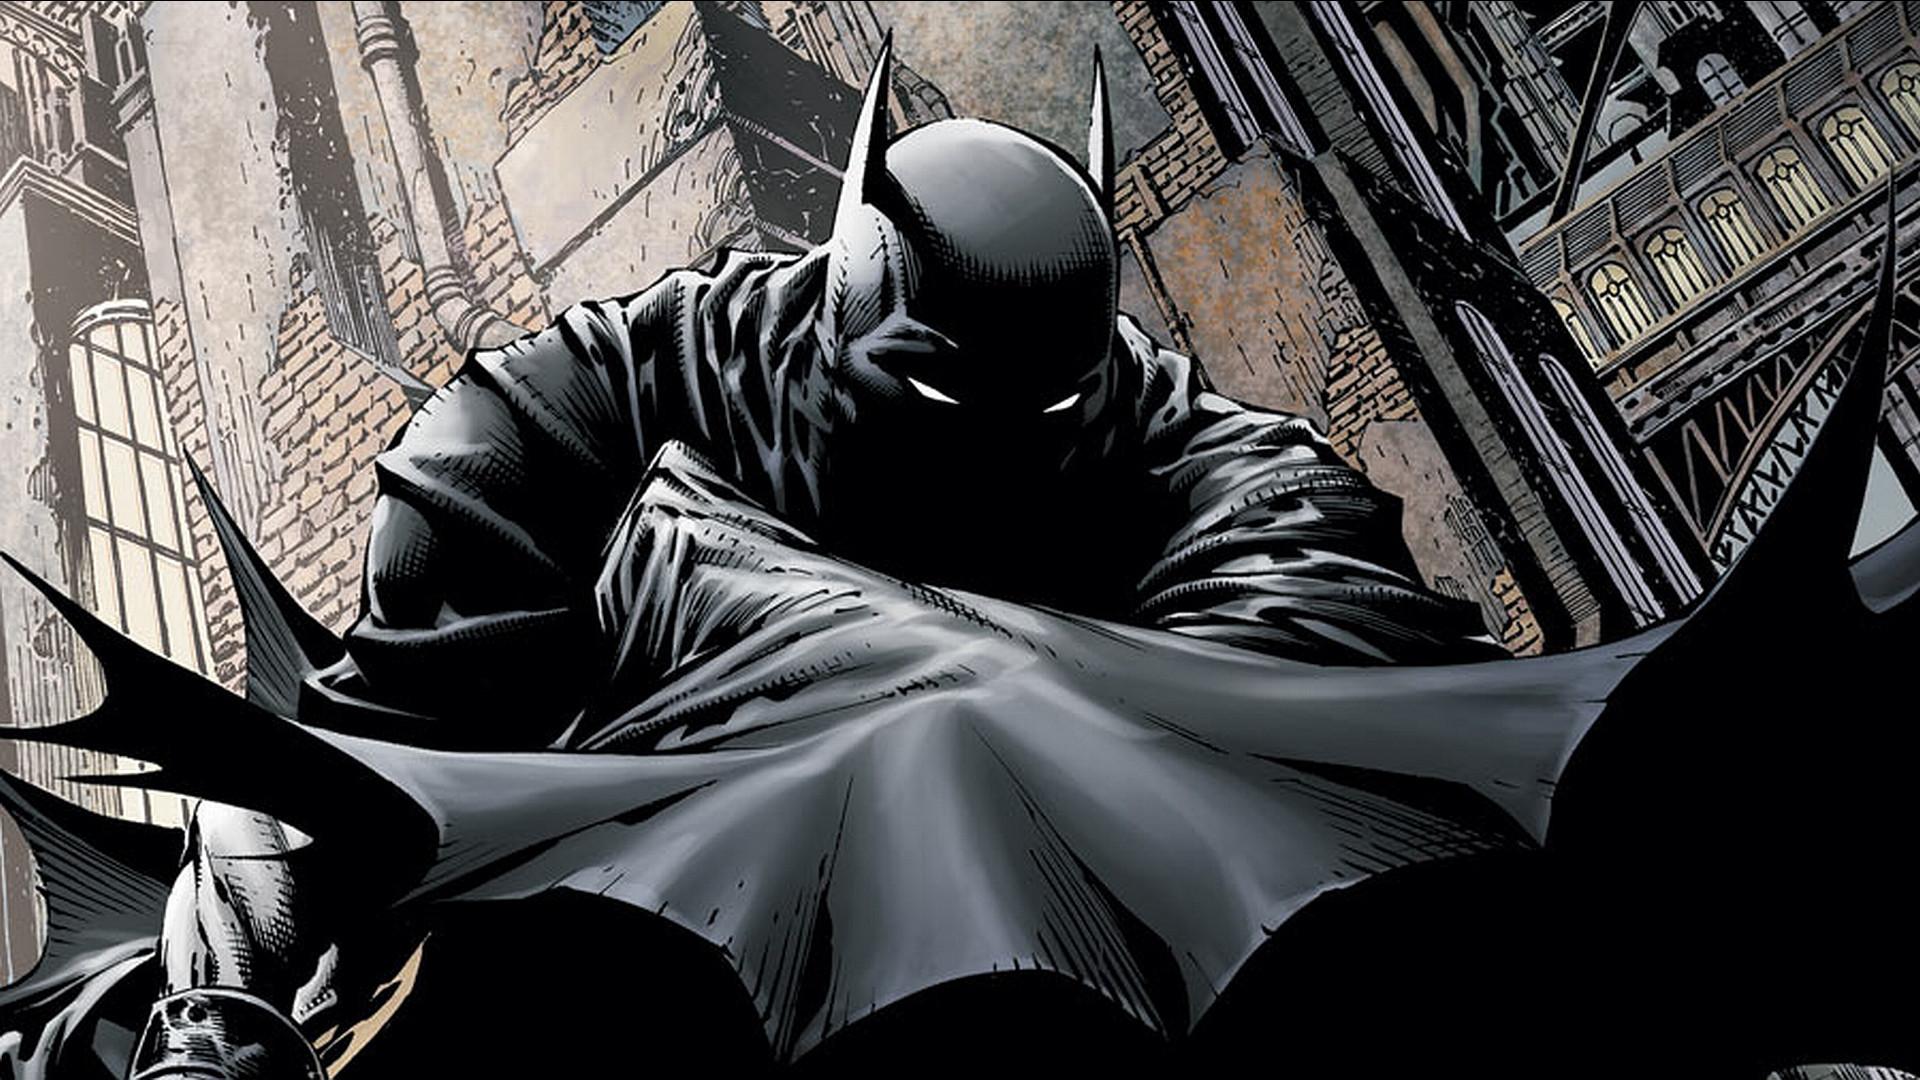 batman new 52 wallpaper